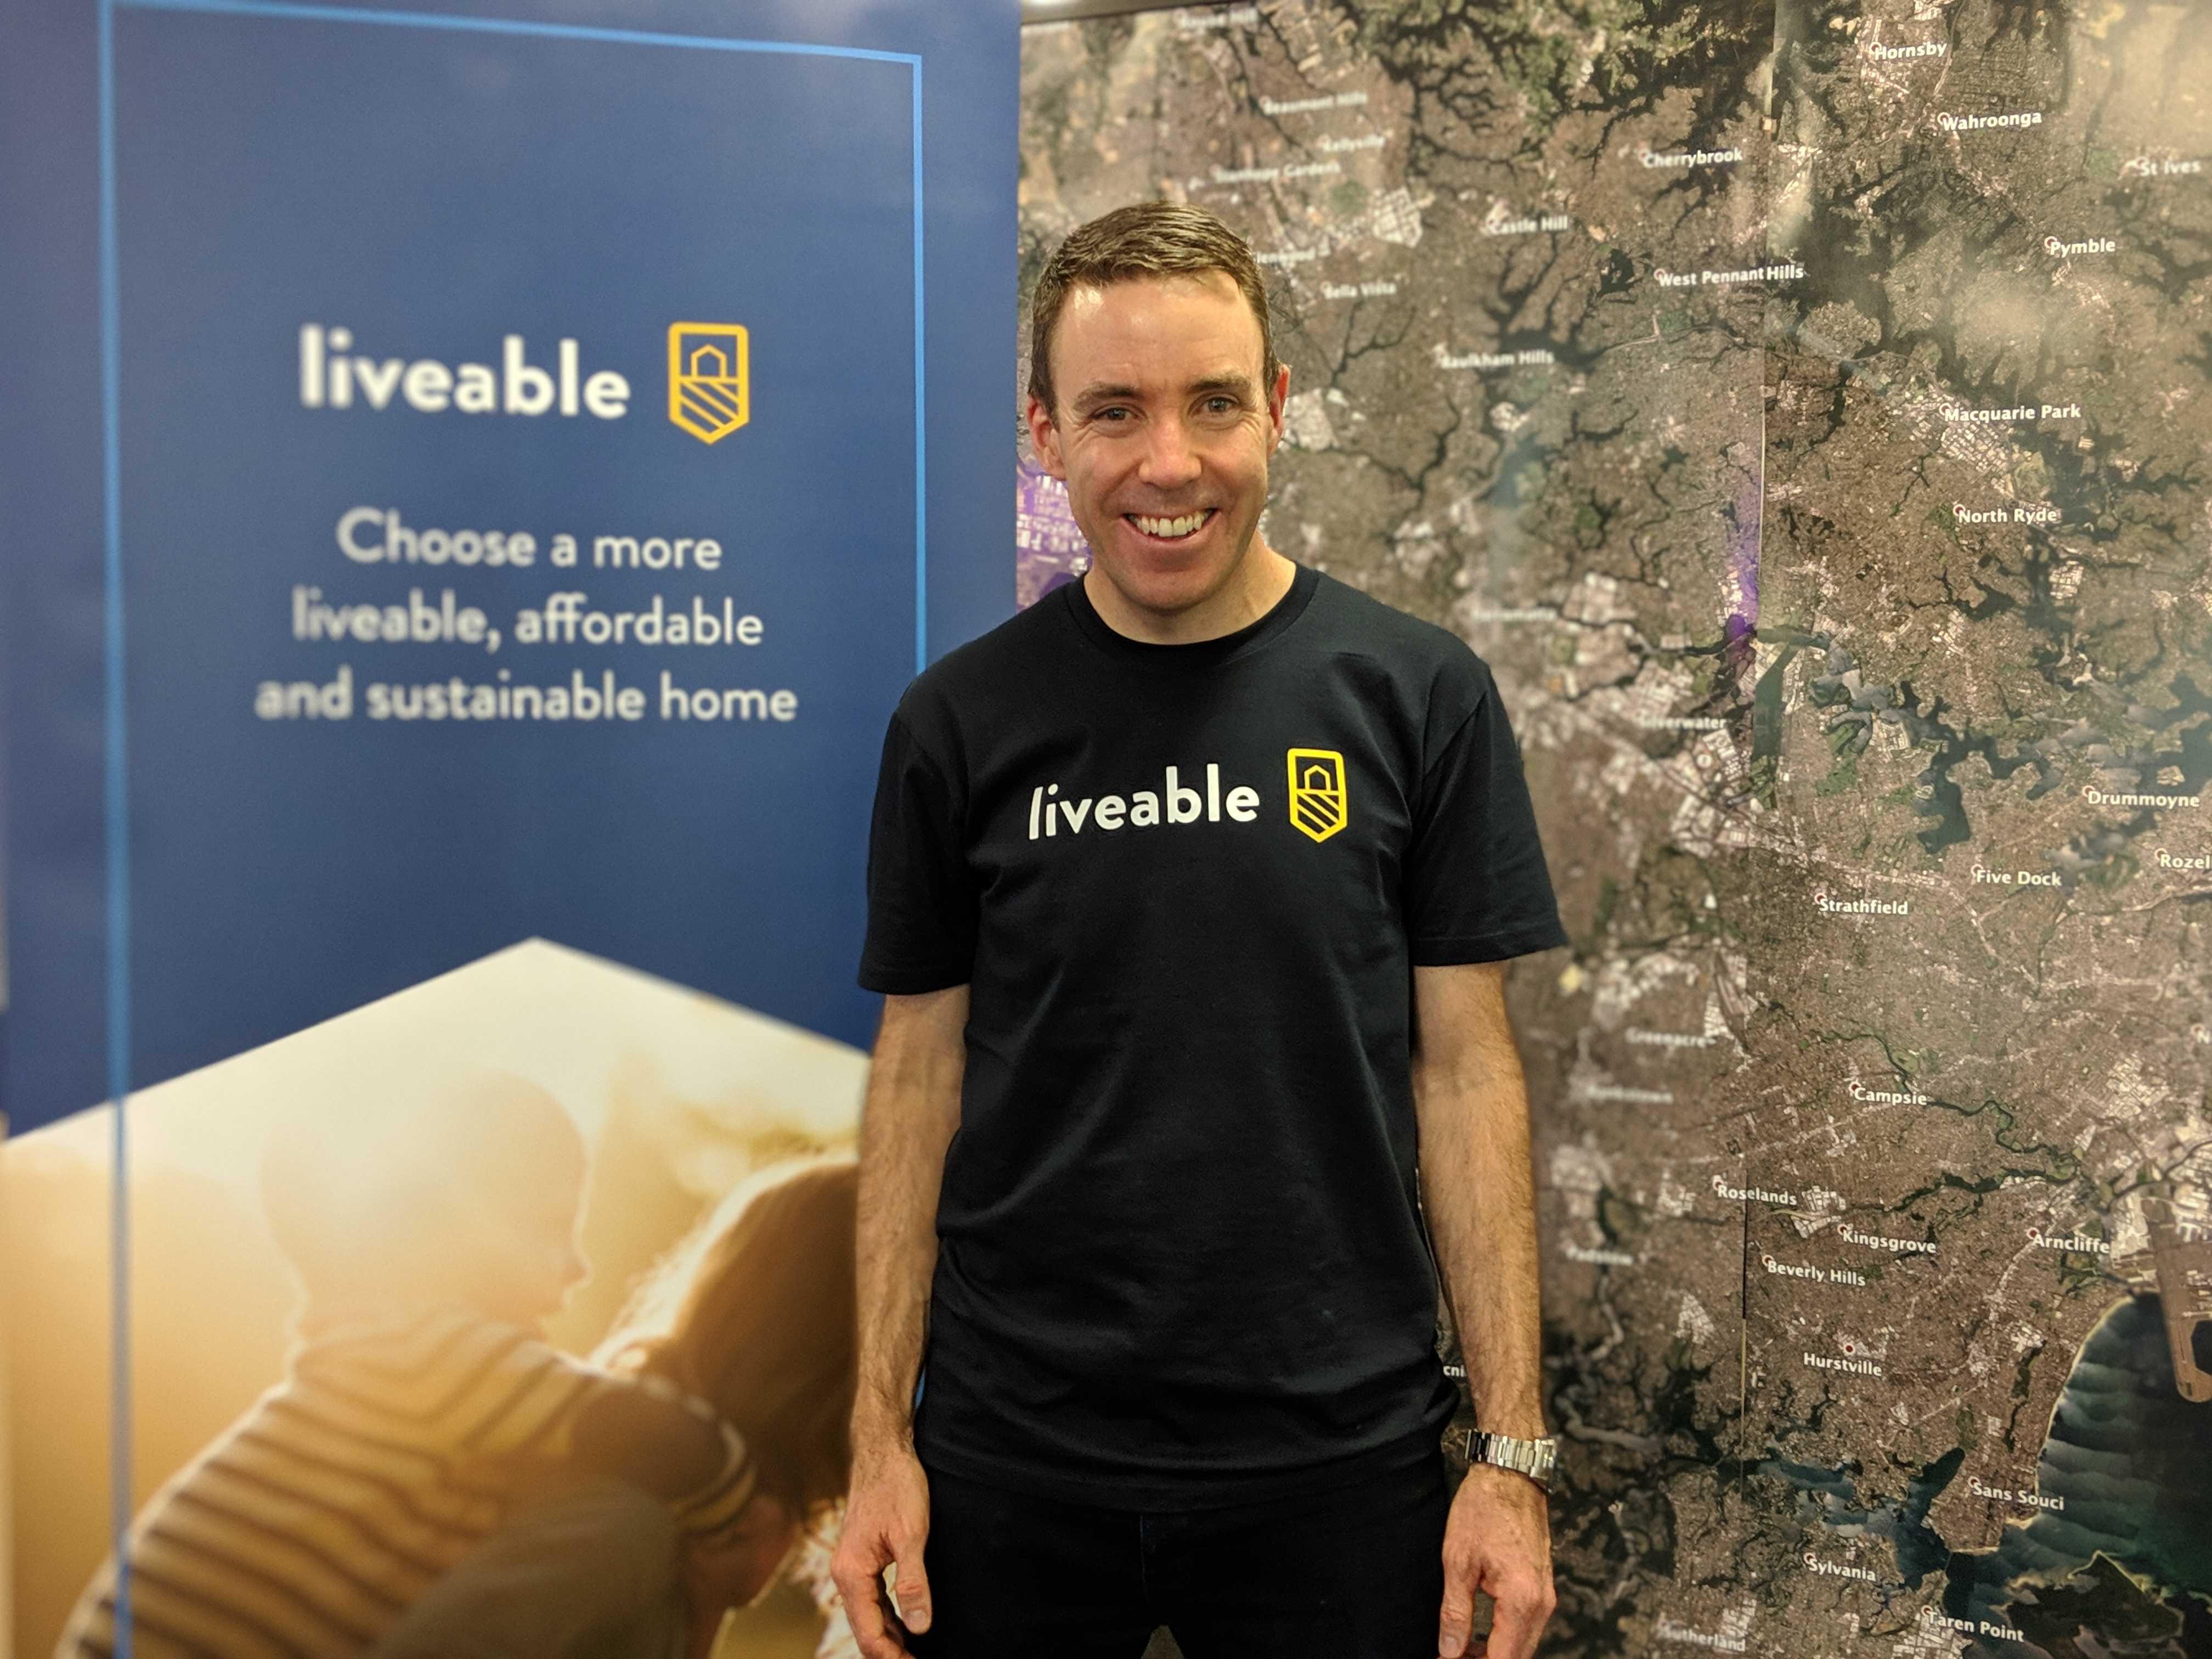 Simon McPherson founder of Liveable